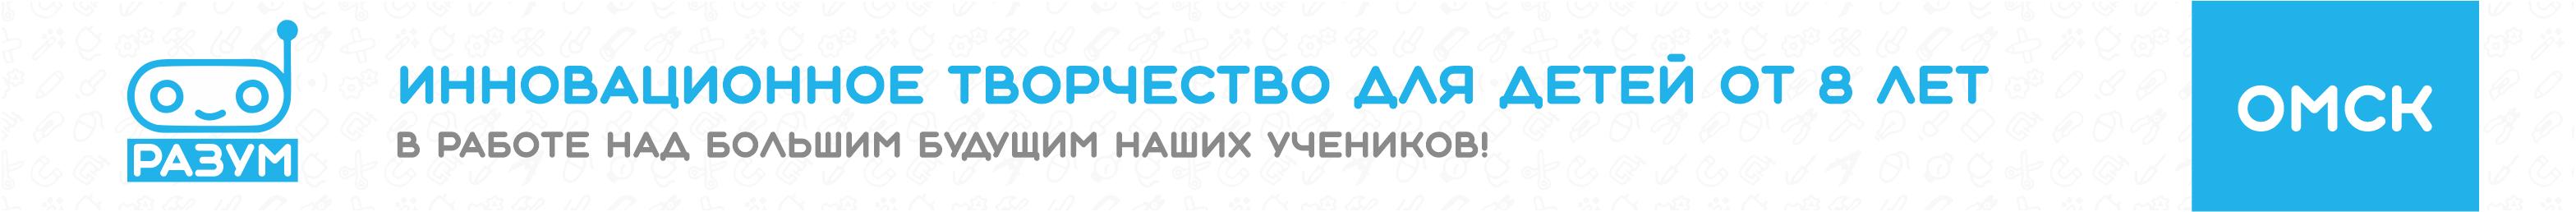 Центр РАЗУМ | Робототехника и программирование для детей в Омске